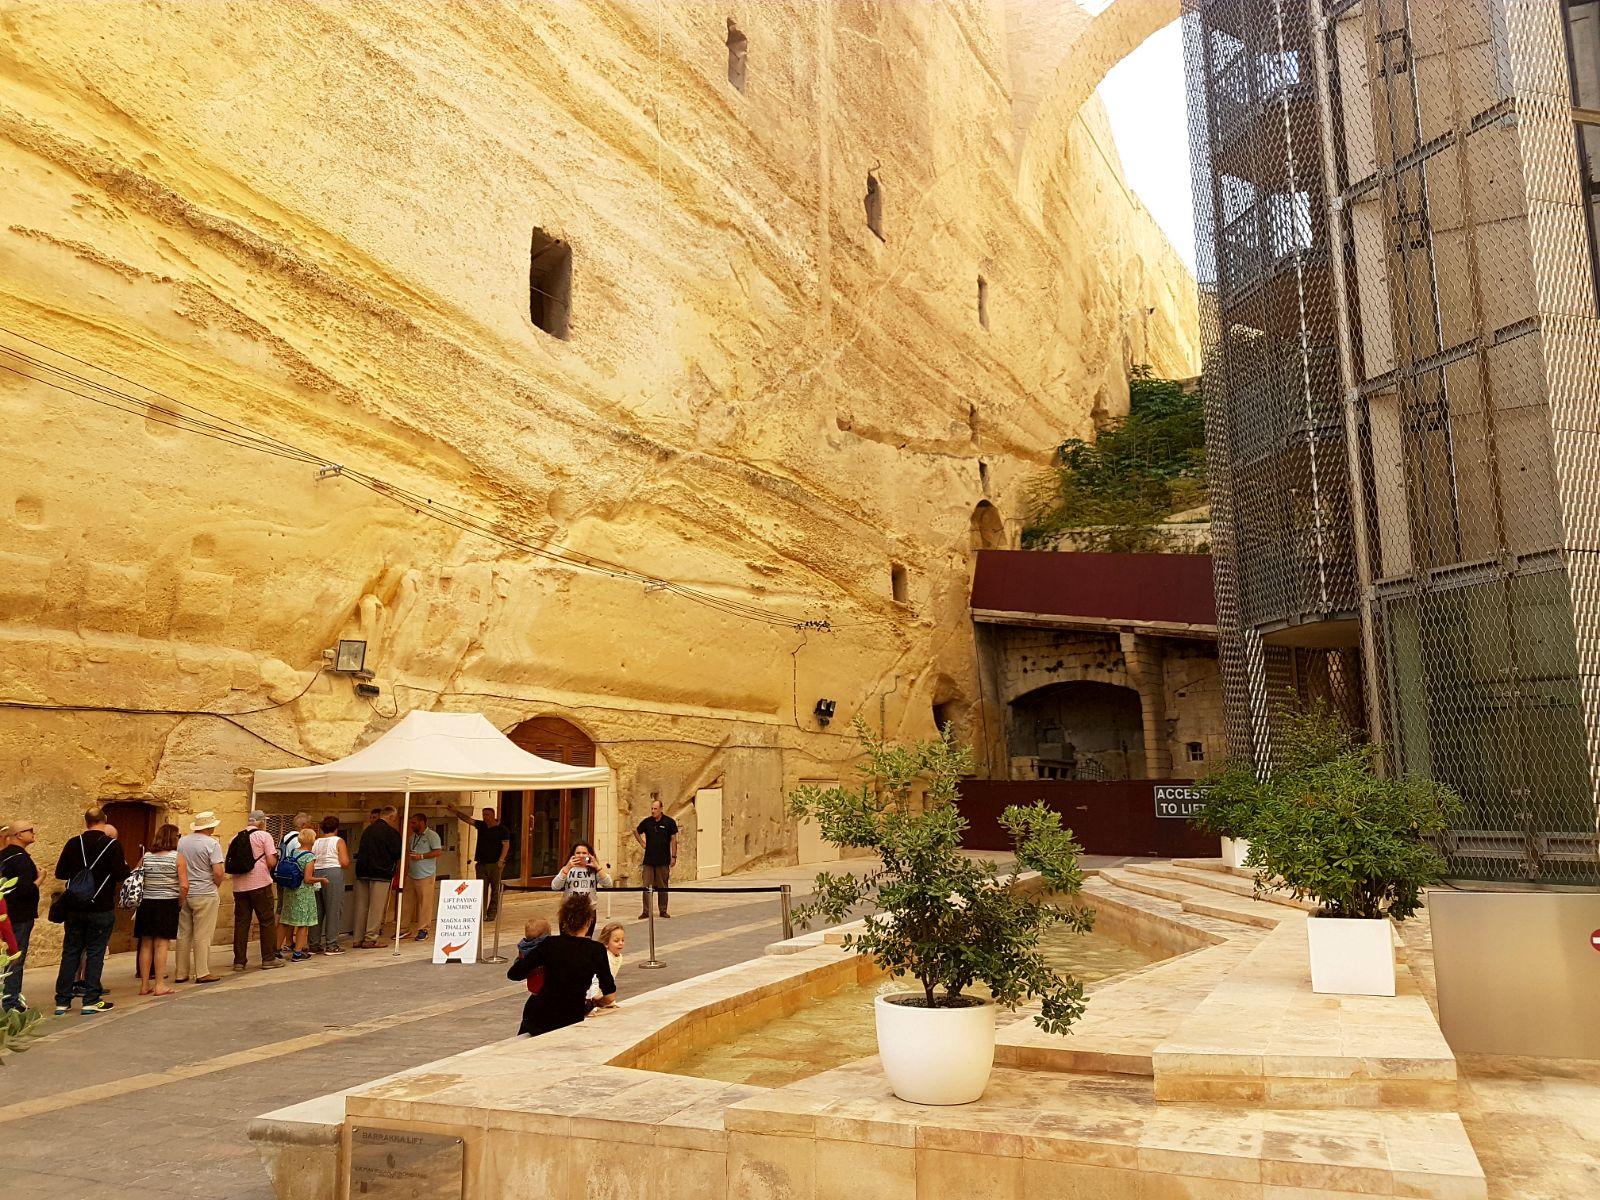 La croisiere pourquoi, comment!... - Page 6 MSC-Meraviglia-Valletta-14